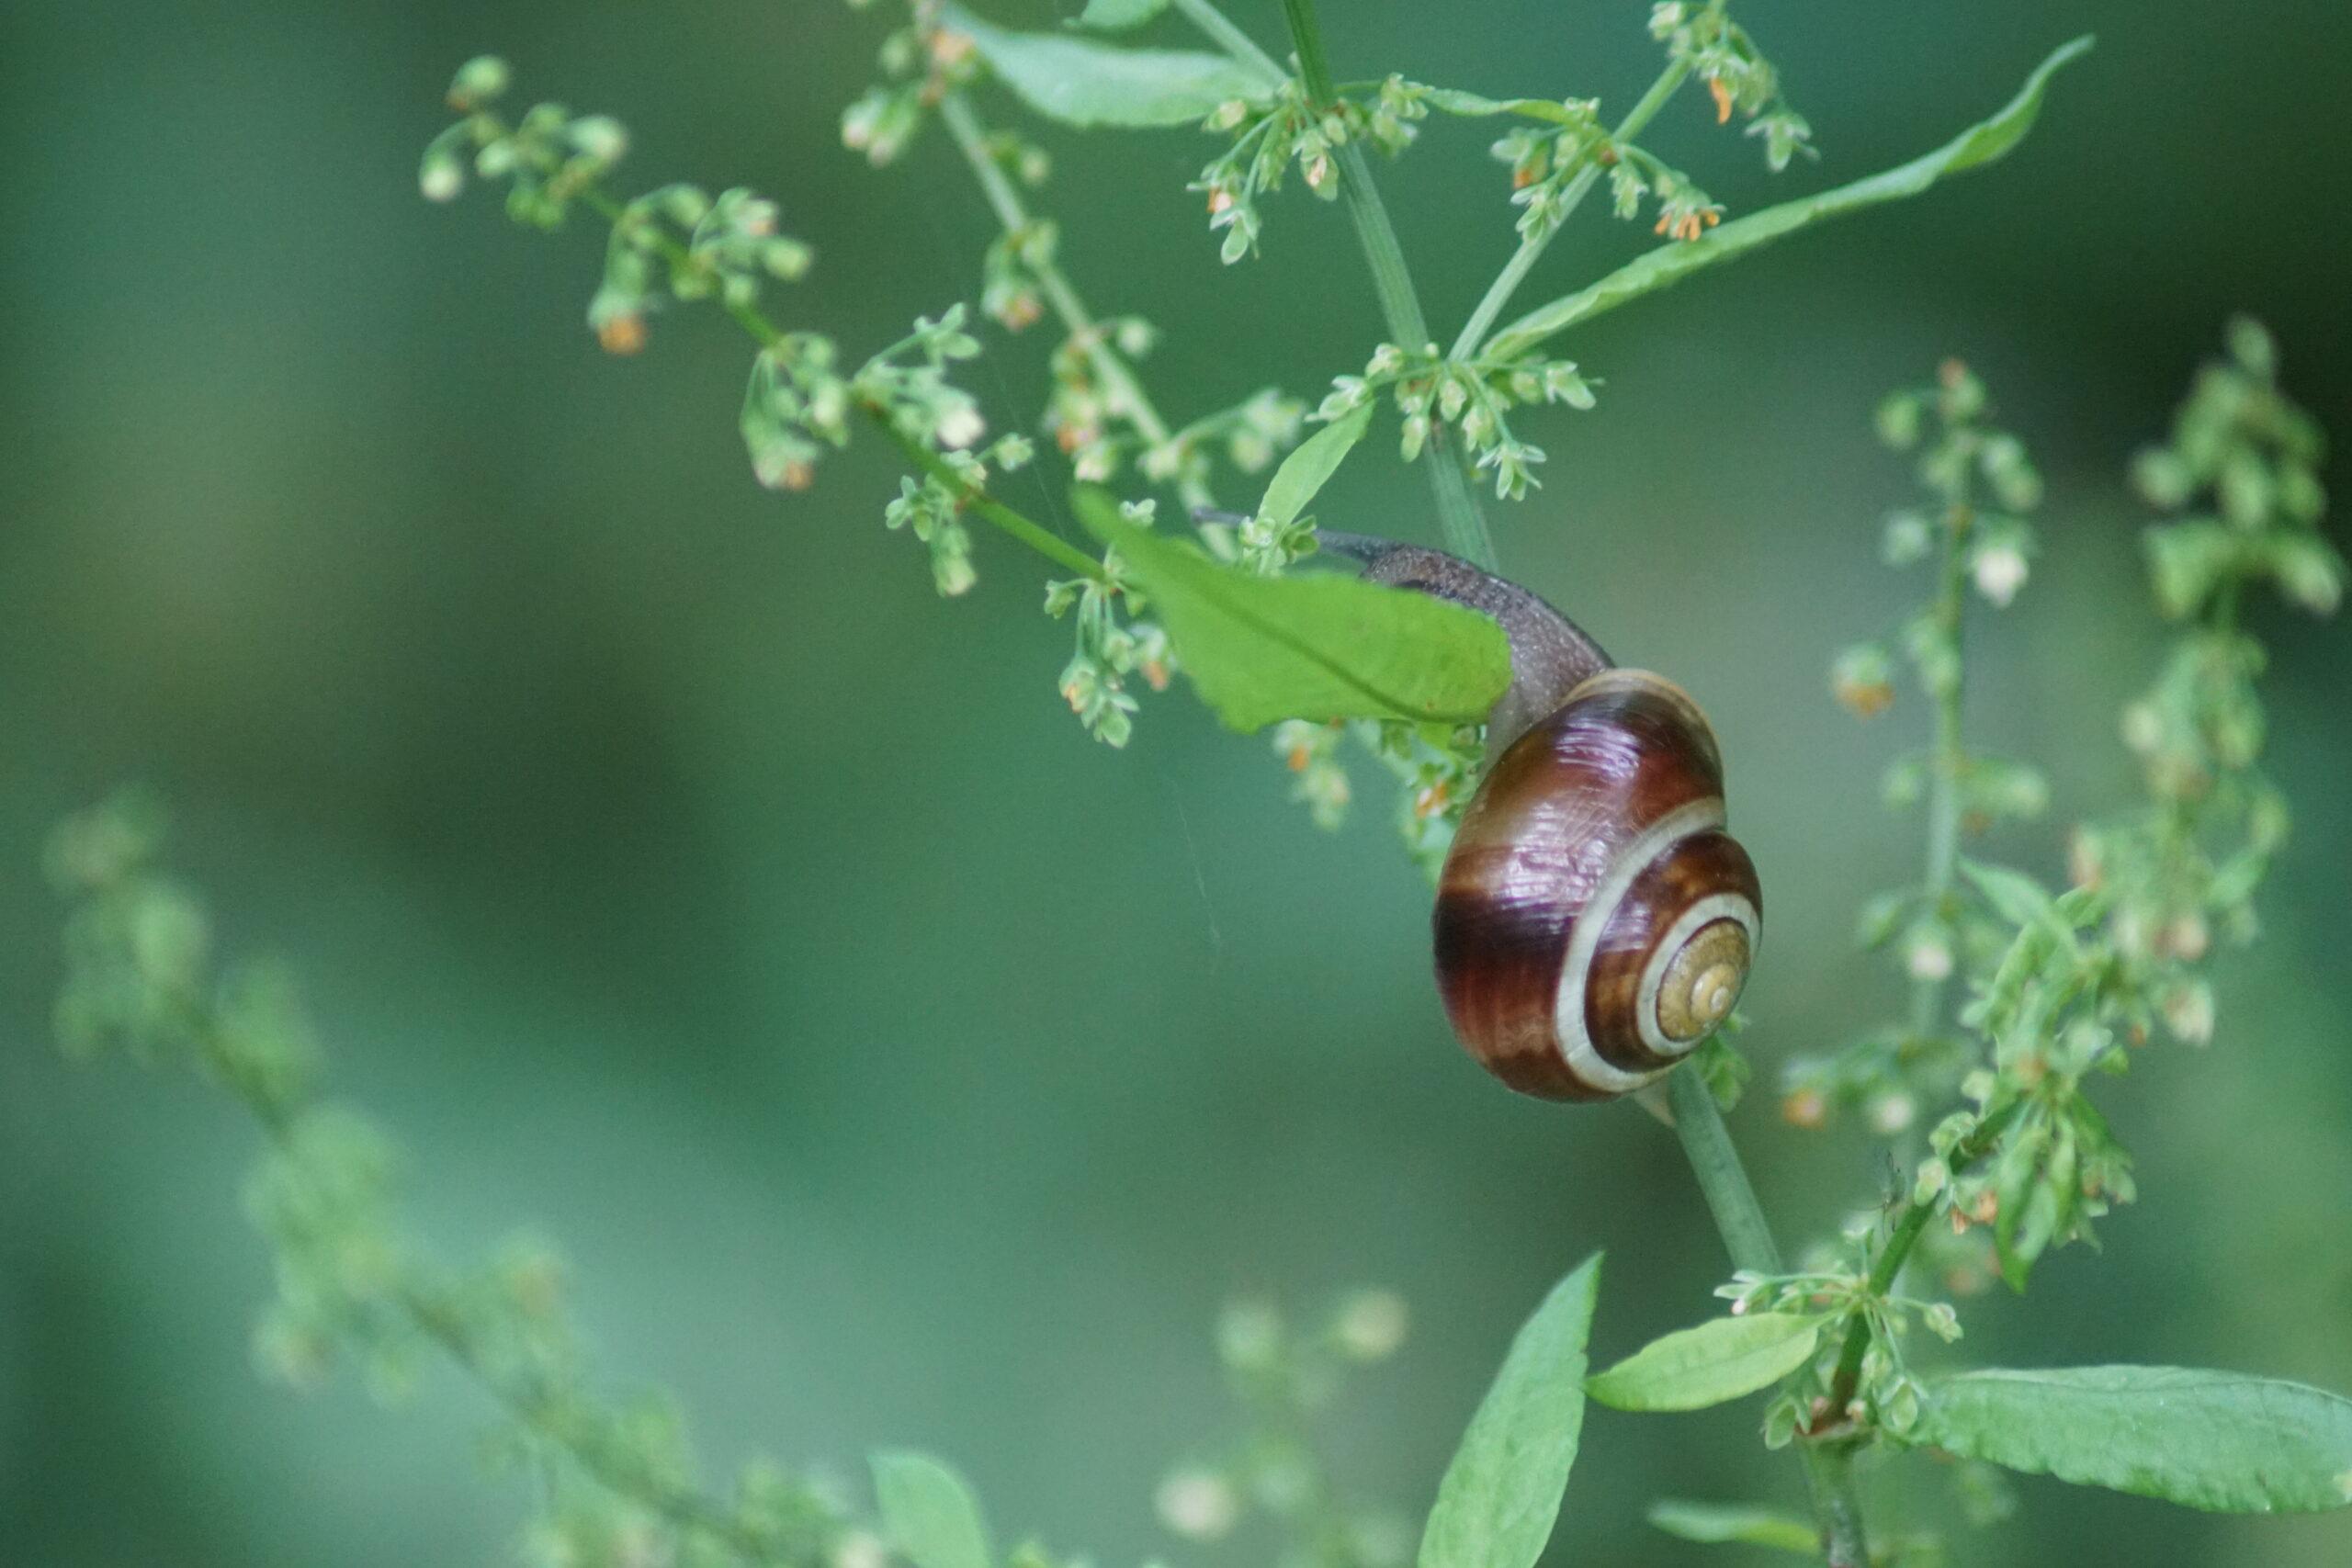 Possibly Heath snail - Helicella itala